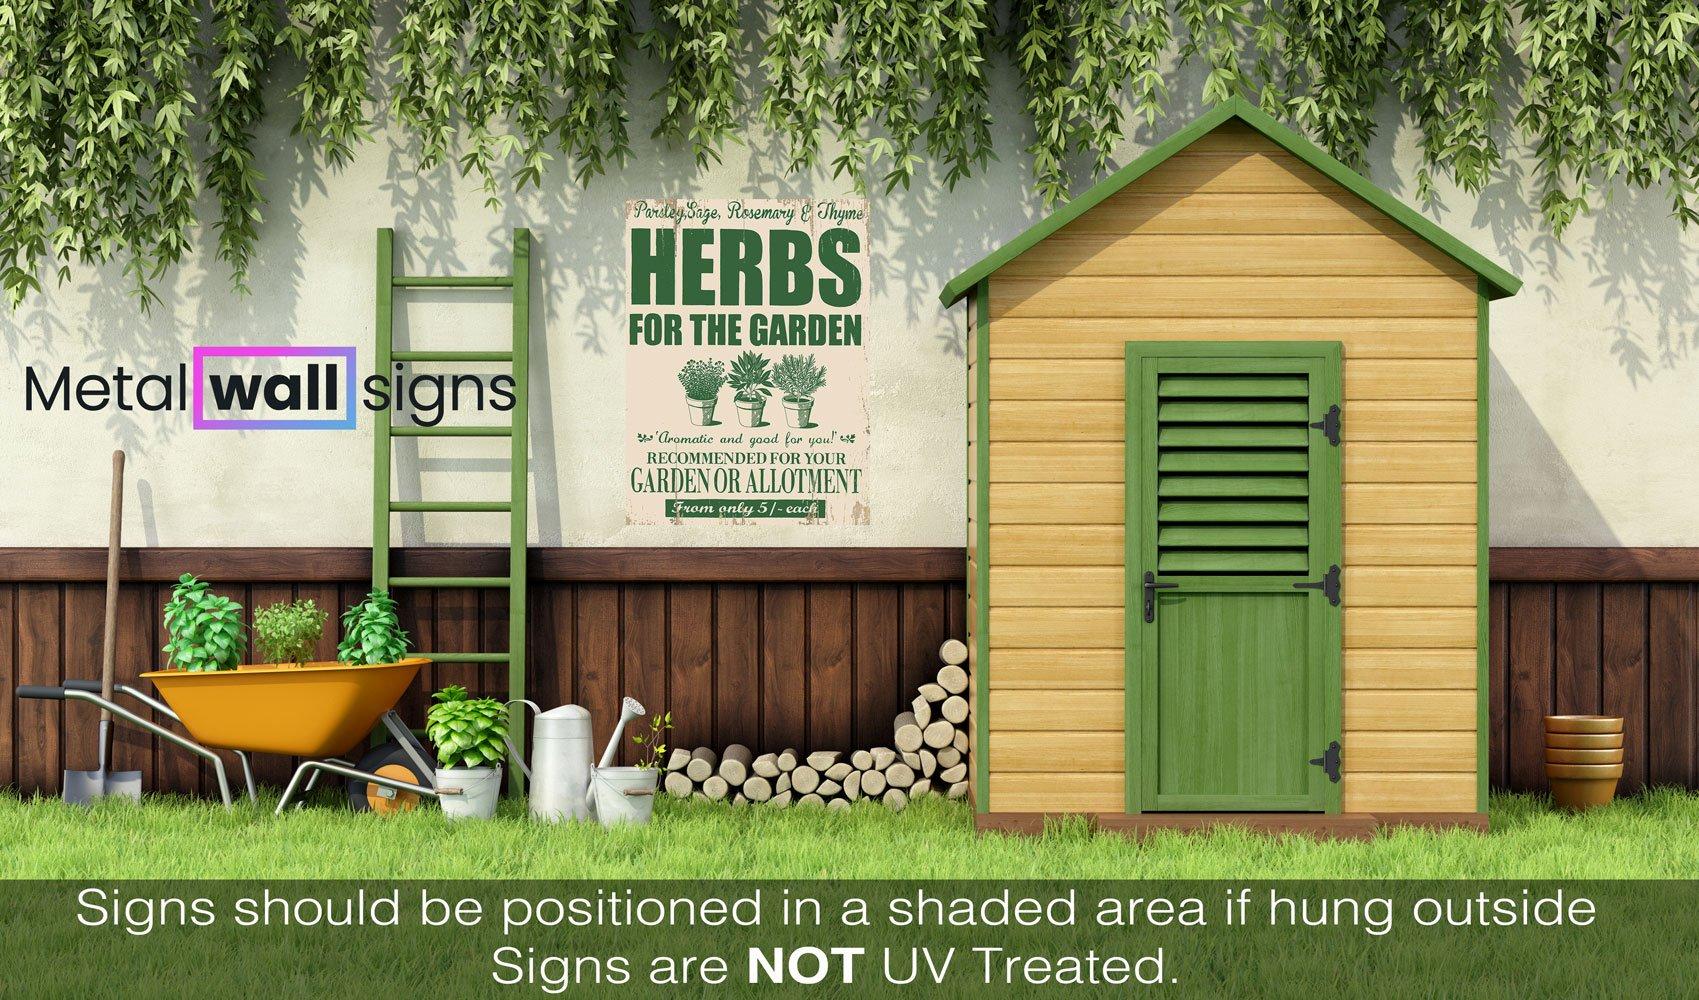 Garden-Herbs-Metal-Wall-Art-Sign-MWS